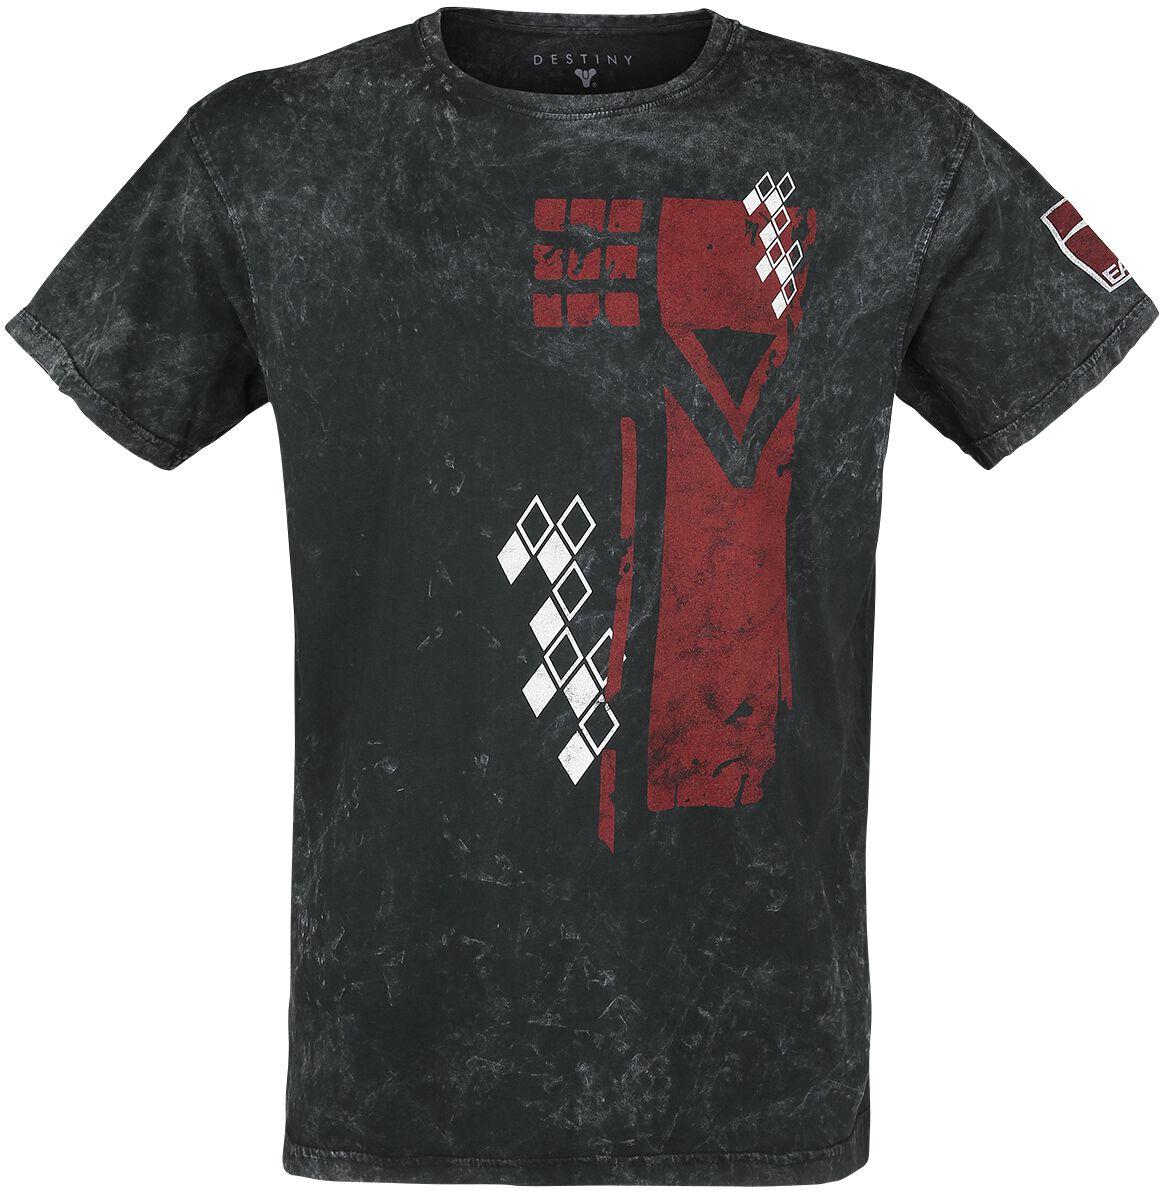 Destiny 2 - Cayde-6 T-Shirt schwarz 1981-Destiny